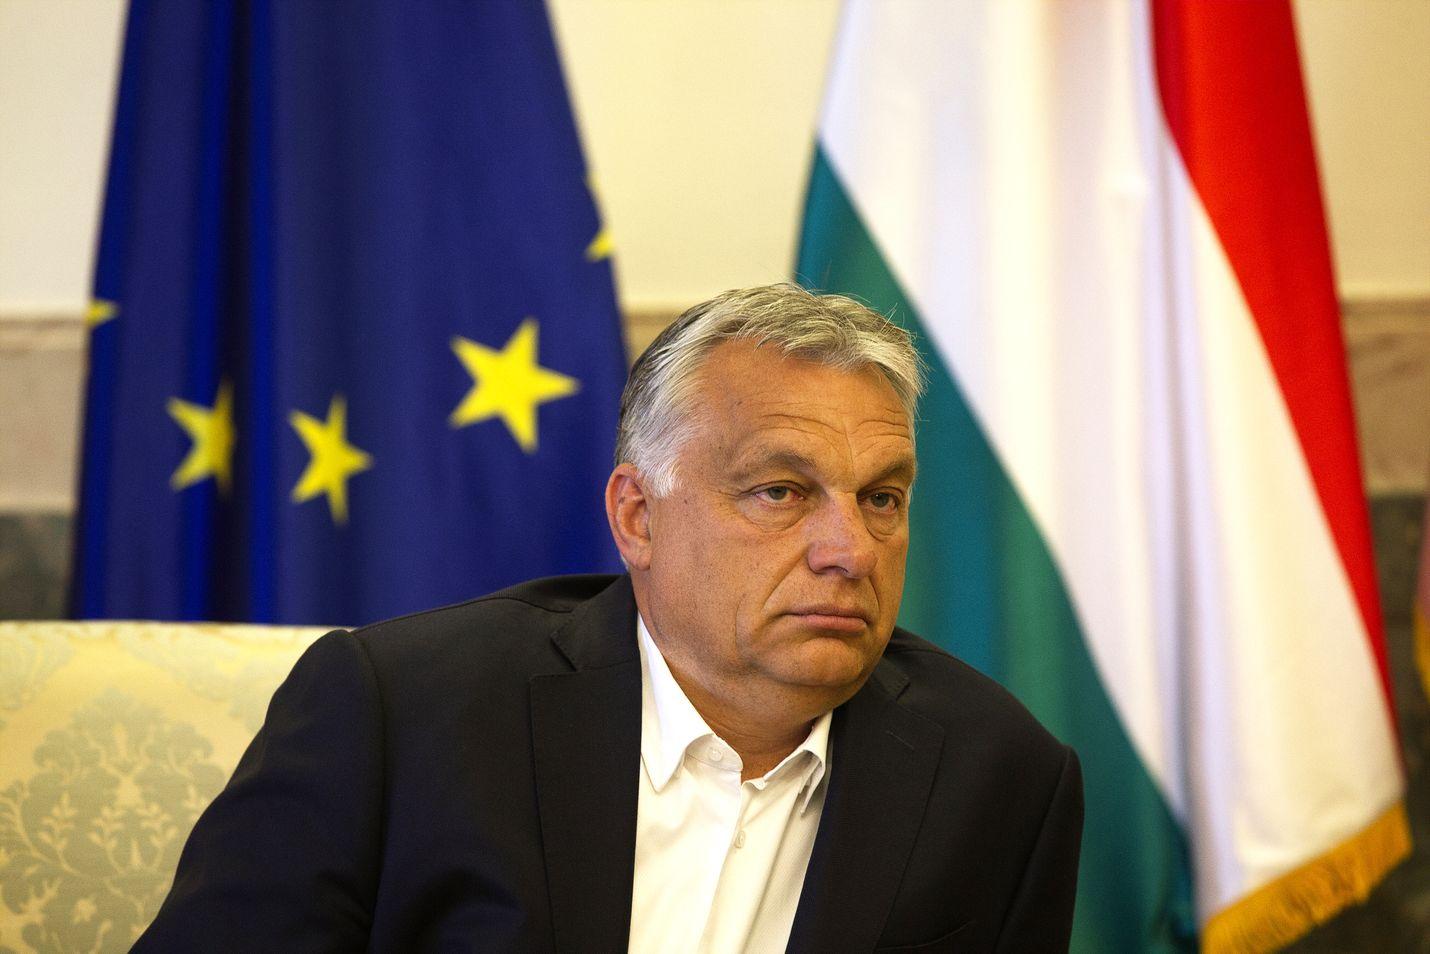 Unkarin hallitus antoi pääministeri Viktor Orbánille oikeudet hallita asetuksilla. Tätä on arvosteltu ankarasti.